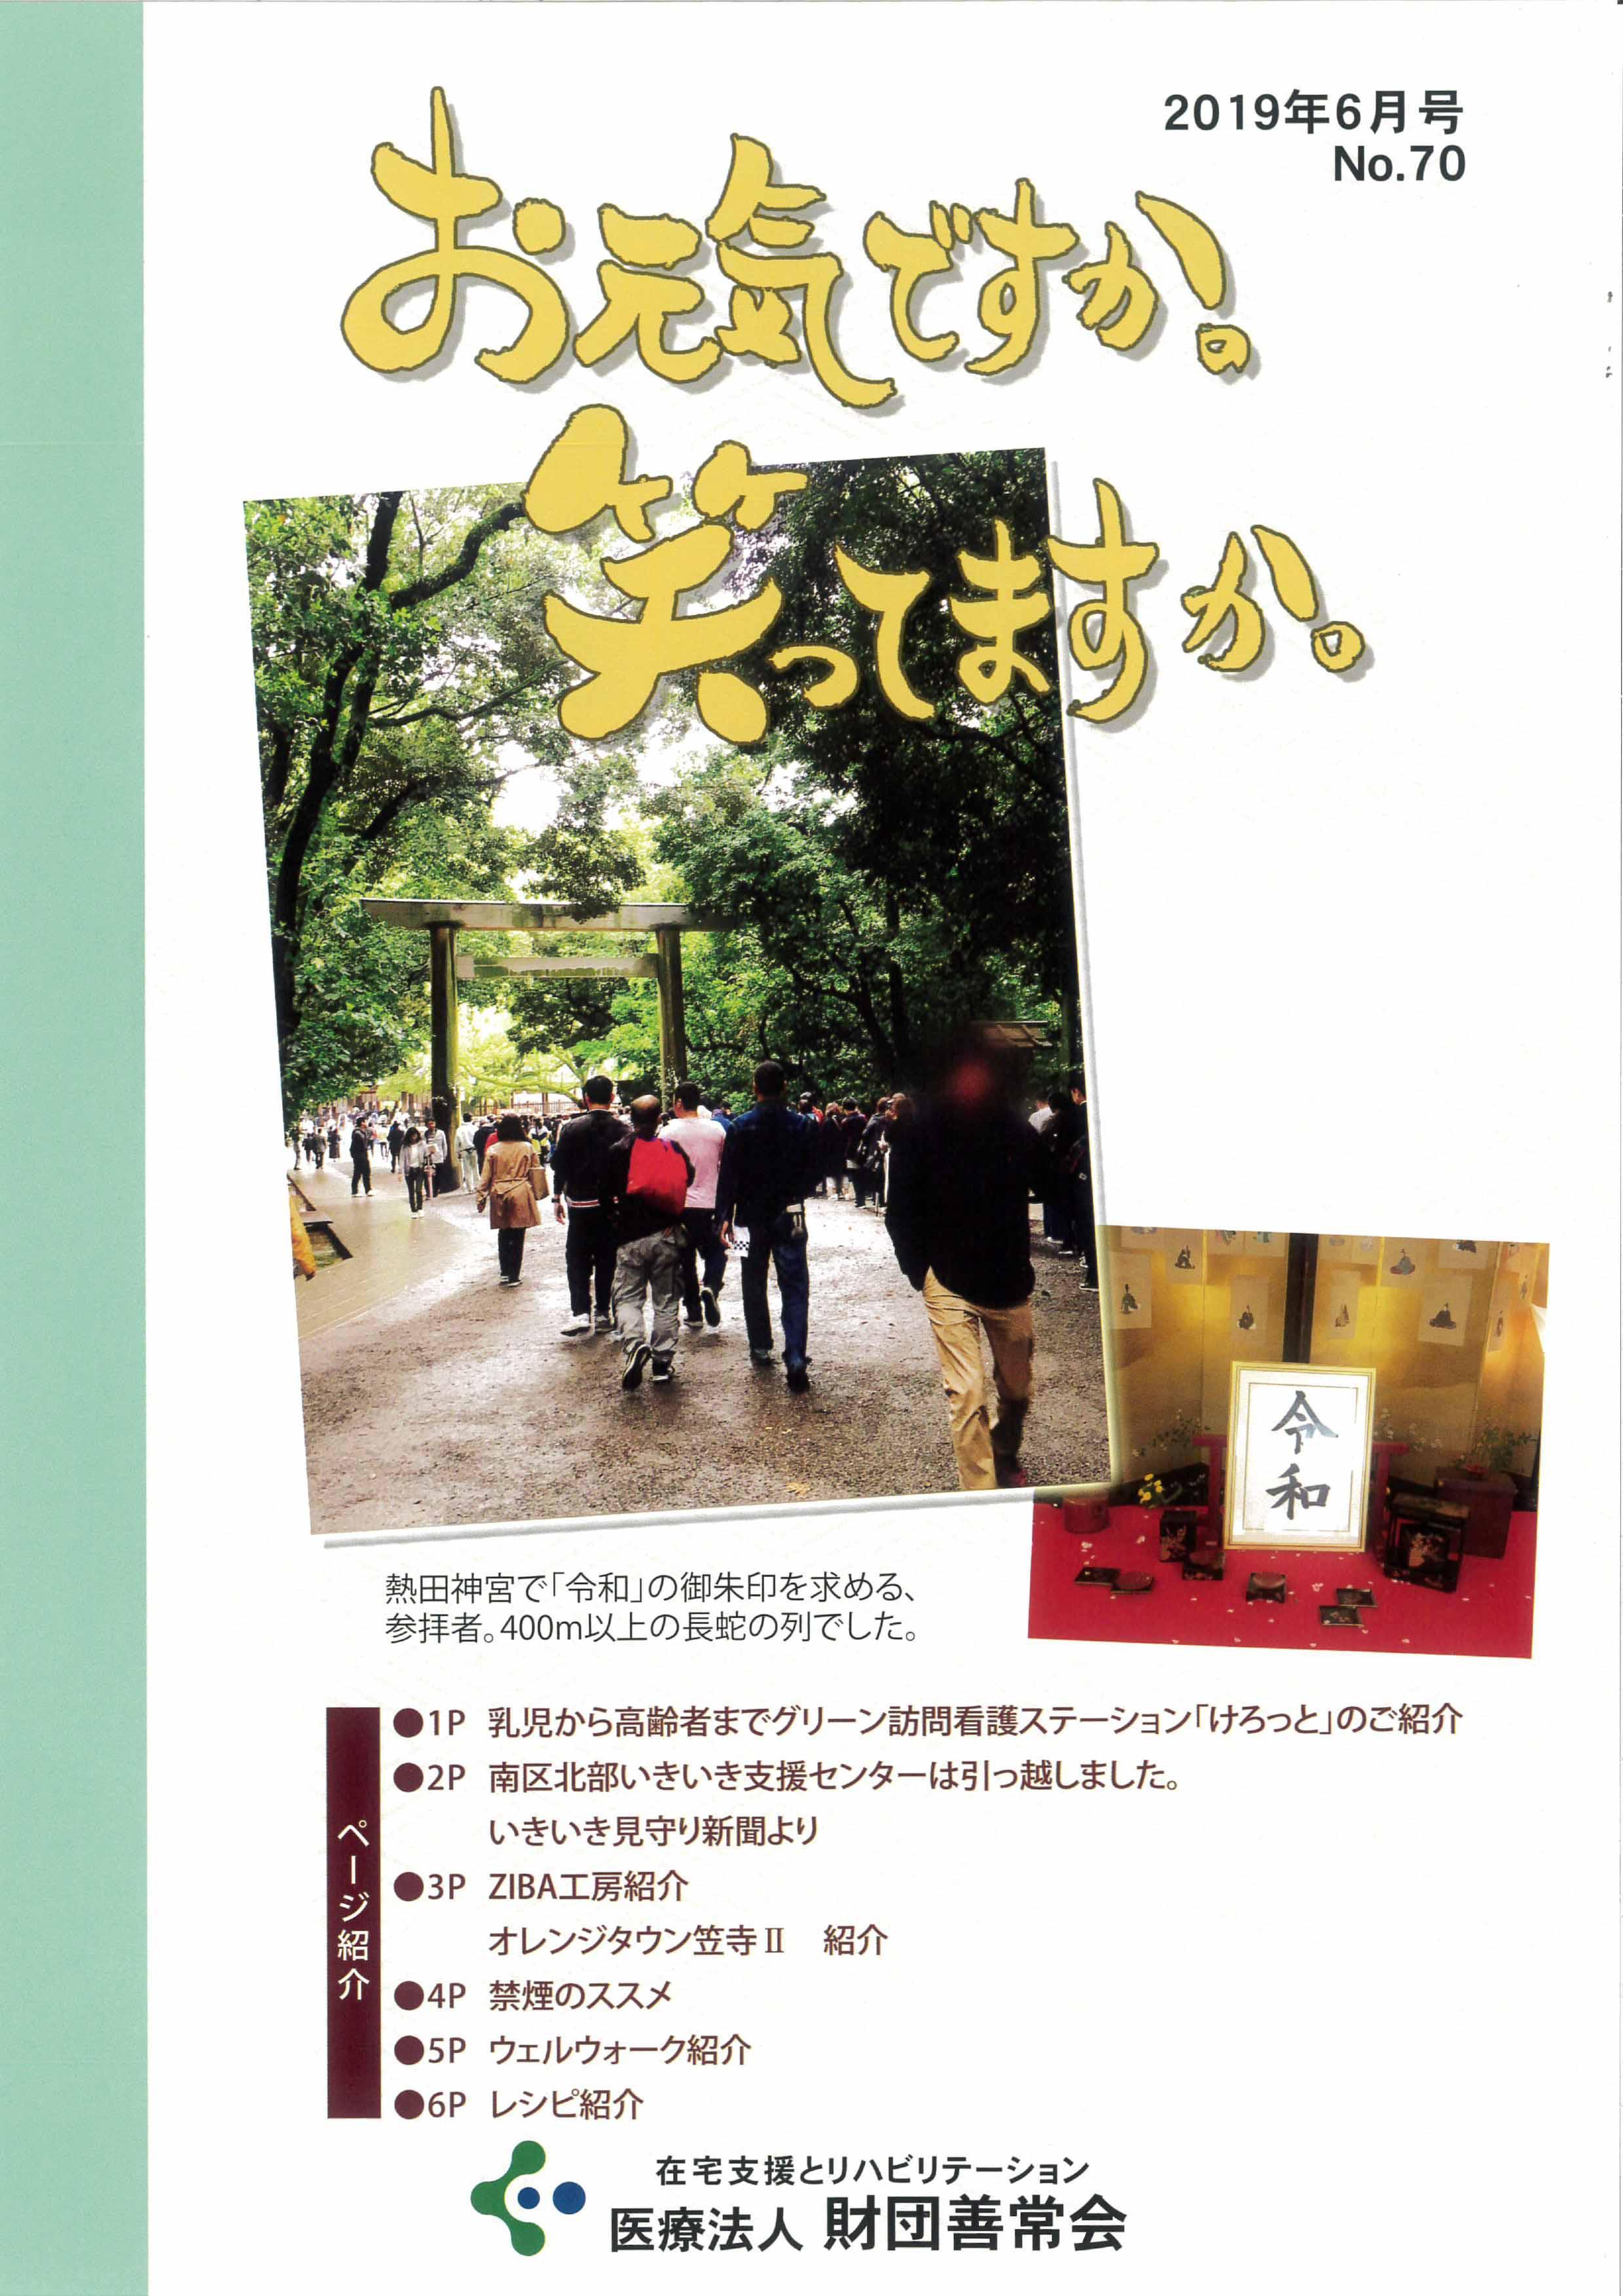 医療法人財団善常会 広報誌 No.70 2019年6月号 表紙